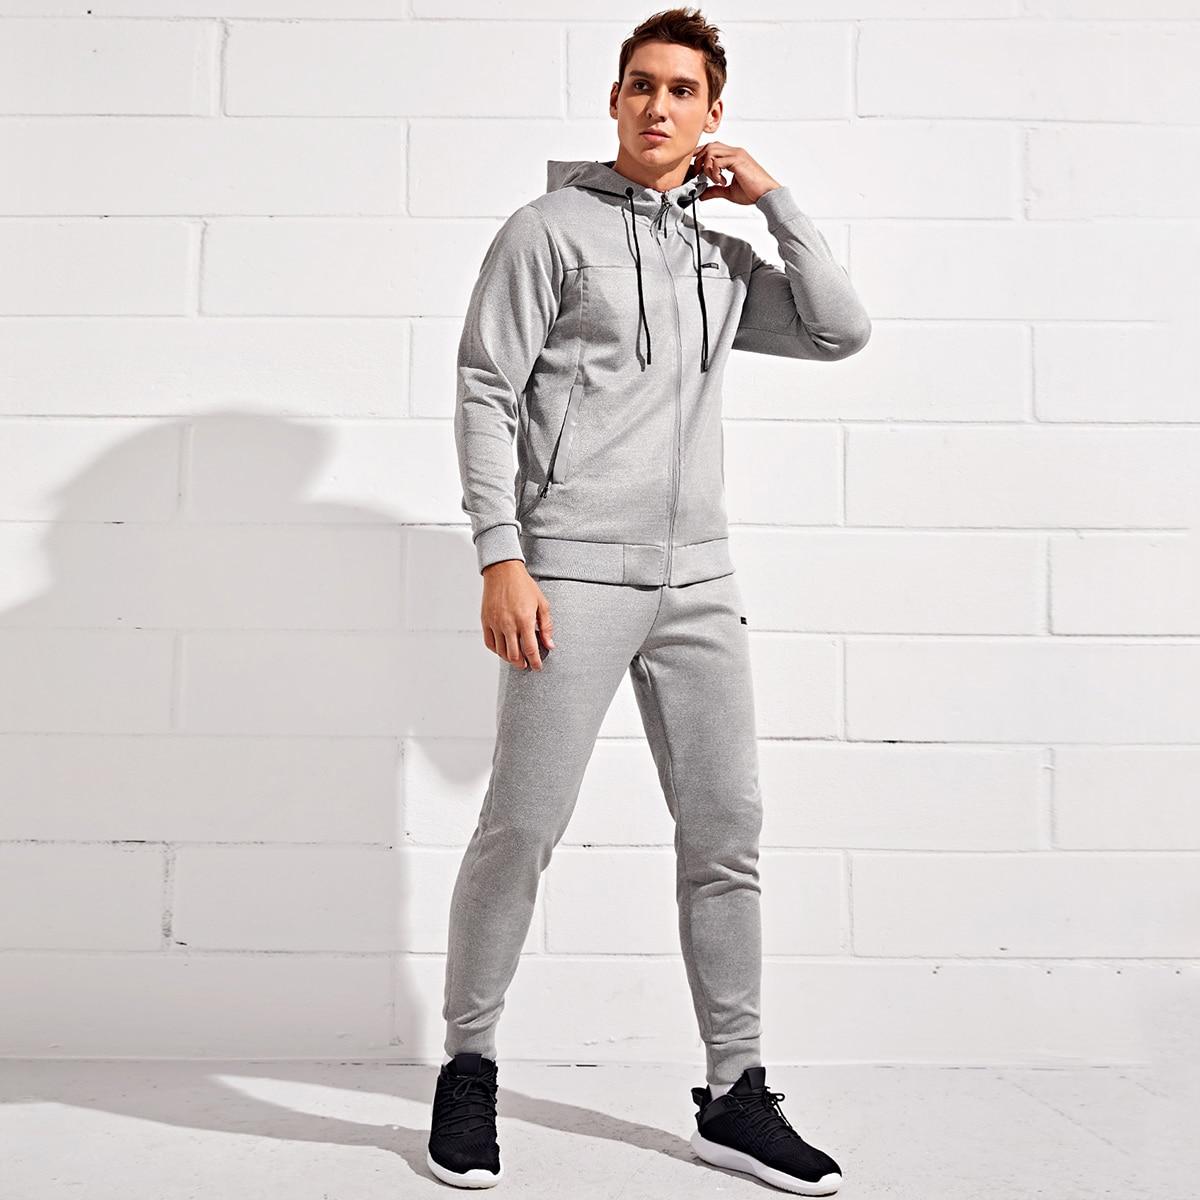 Мужские спортивные брюки и толстовка на молнии